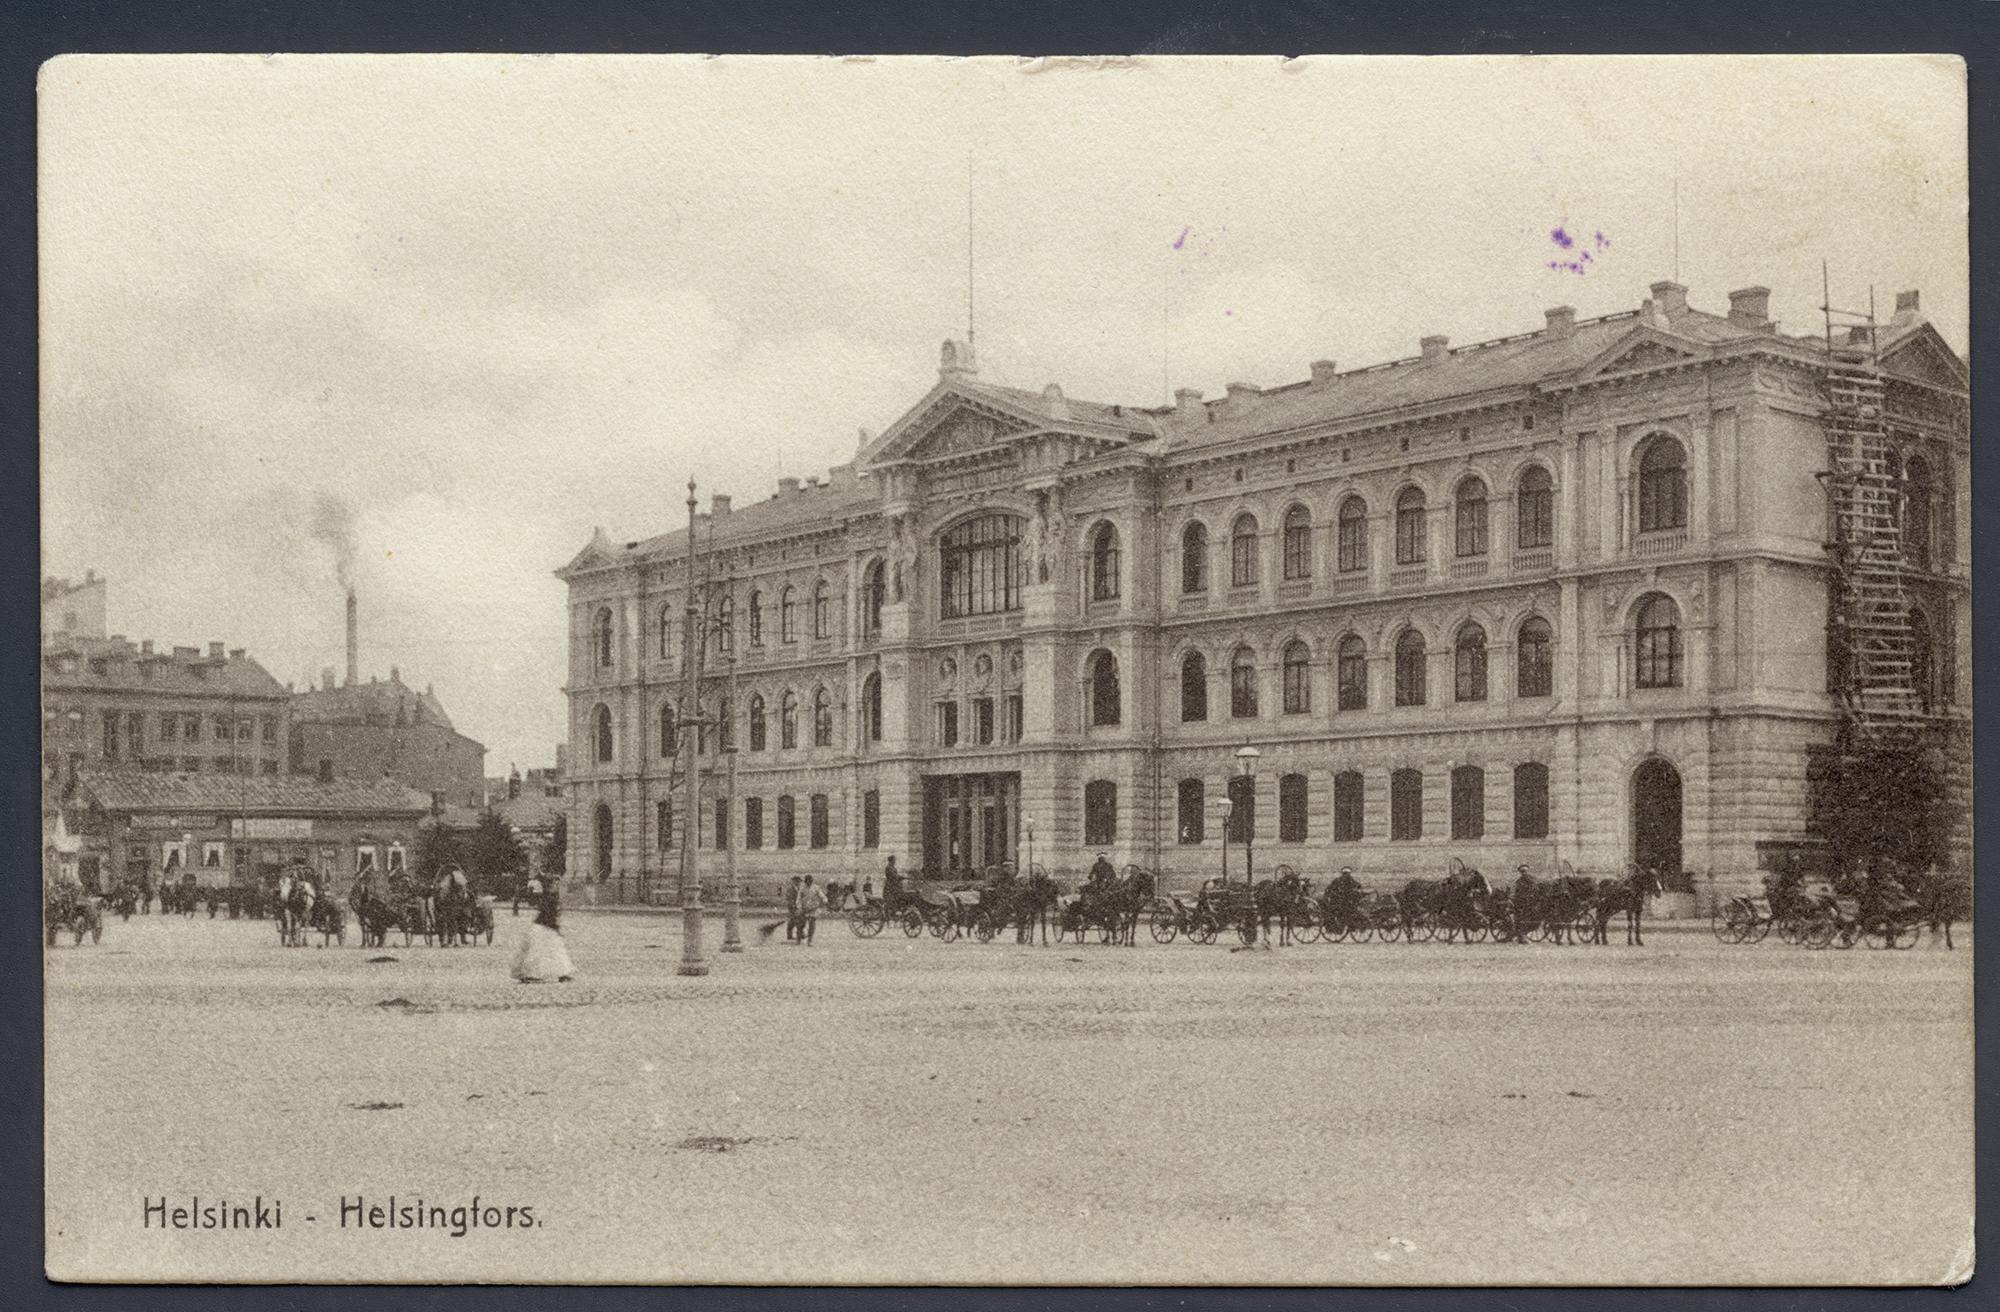 Ateneum noin vuonna 1887. Rakennuksen edessä hevoskärryjä. Keskuskadun puoleisessa päädyssä vielä rakennustelineet.